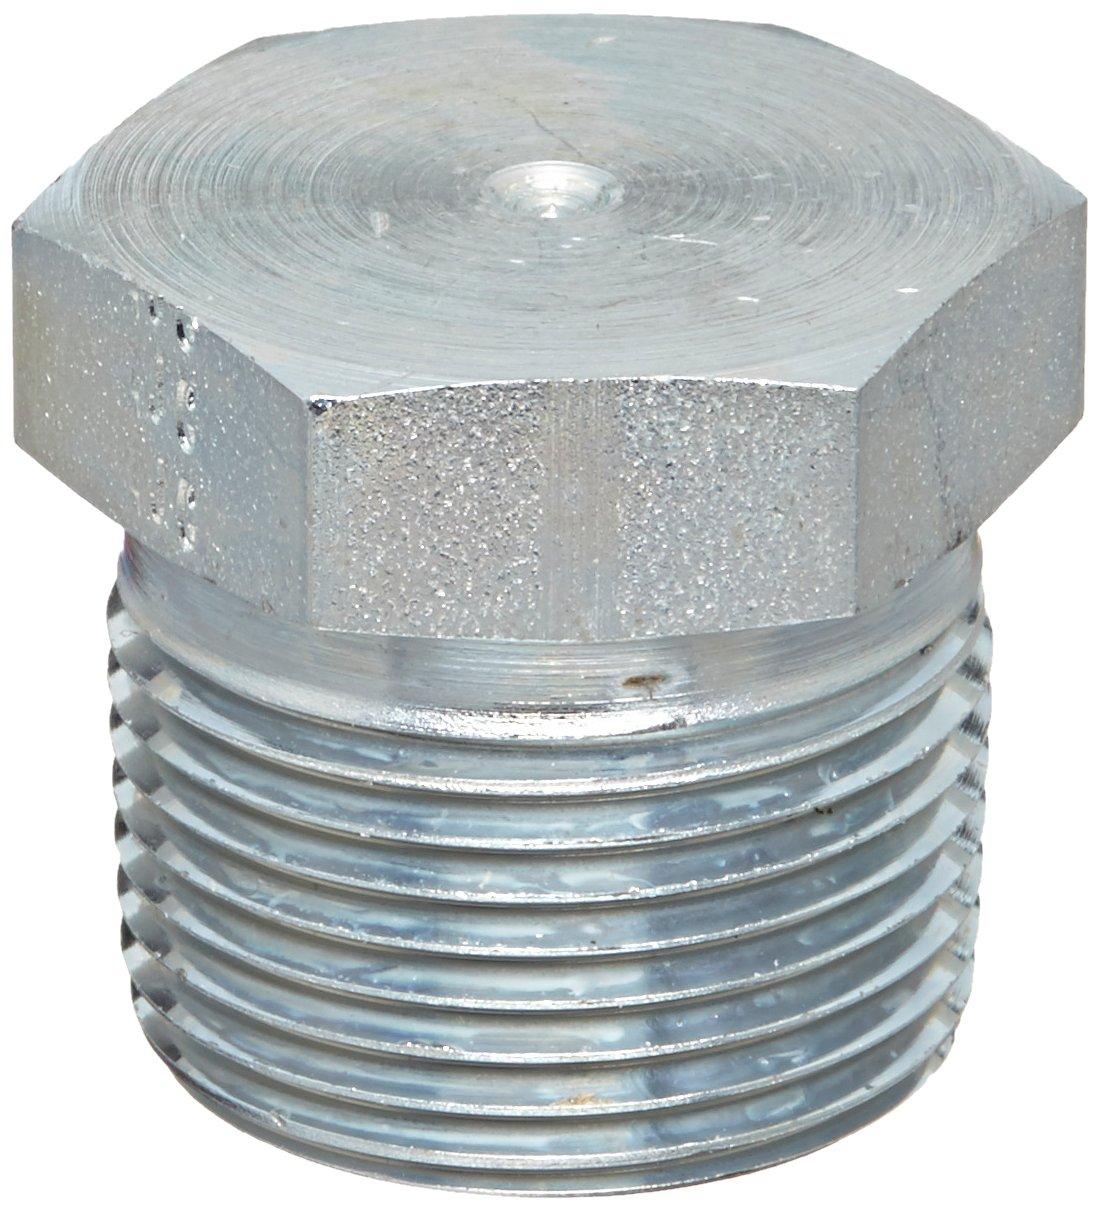 1//8-27 NPTF Male External Hex Pipe Plug Brennan 5406-P-02 Steel Pipe Fitting